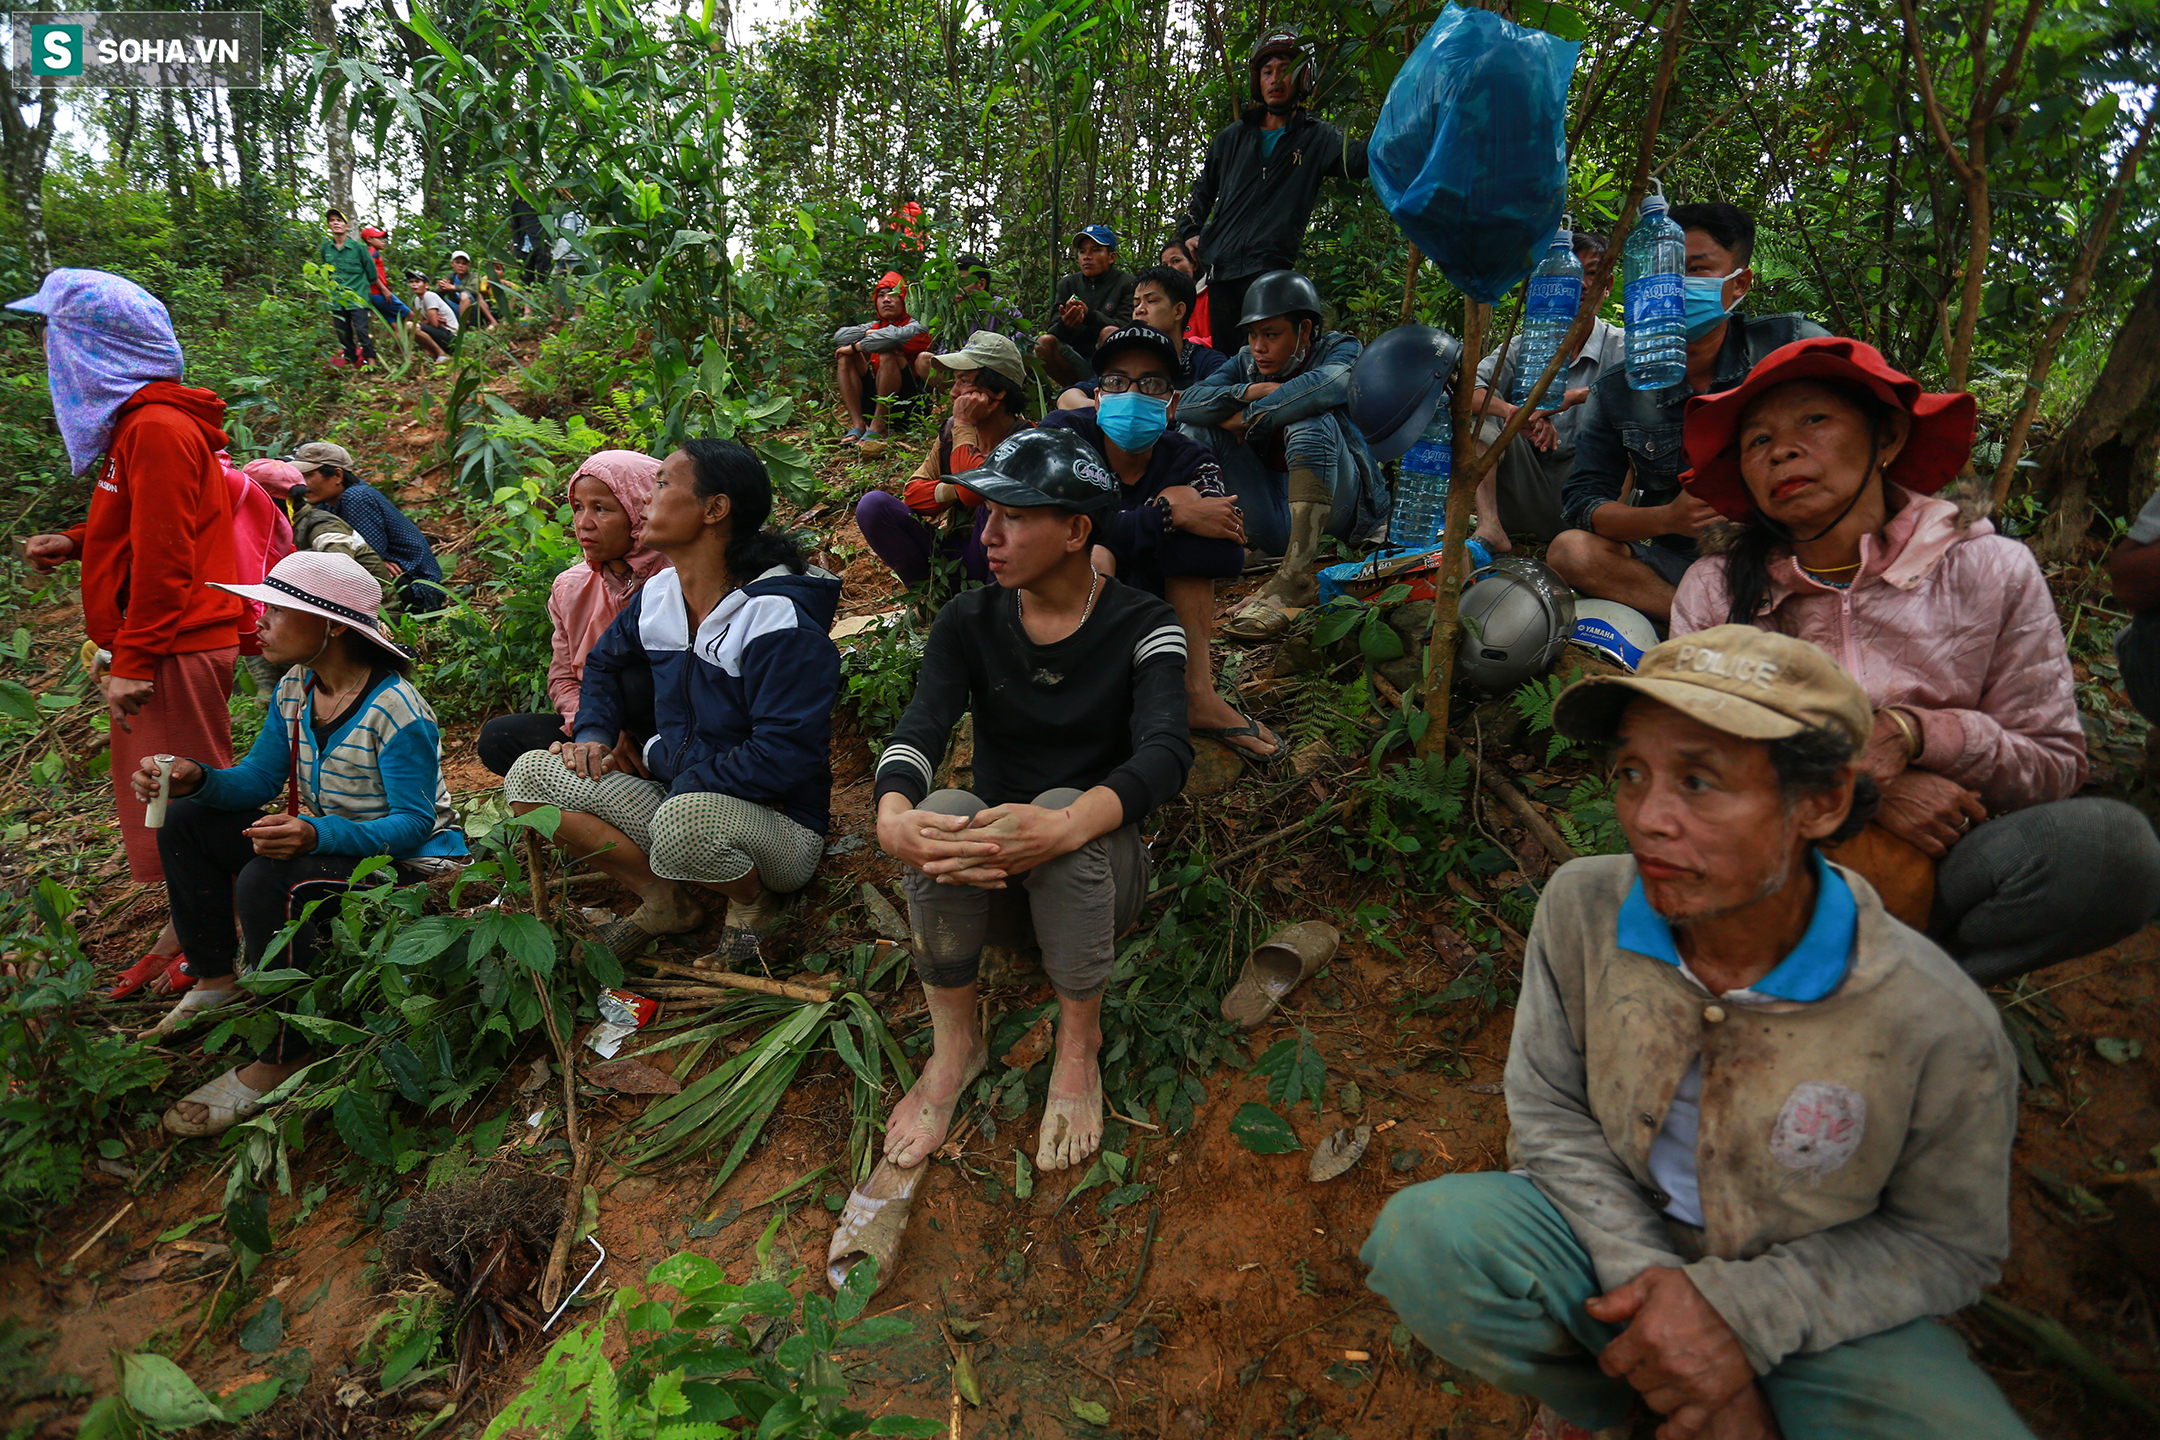 [Ảnh] Dân làng khóc nghẹn khi tìm thấy bé trai 10 tháng tuổi dưới lớp bùn đất vụ sạt lở ở Trà Leng - Ảnh 11.